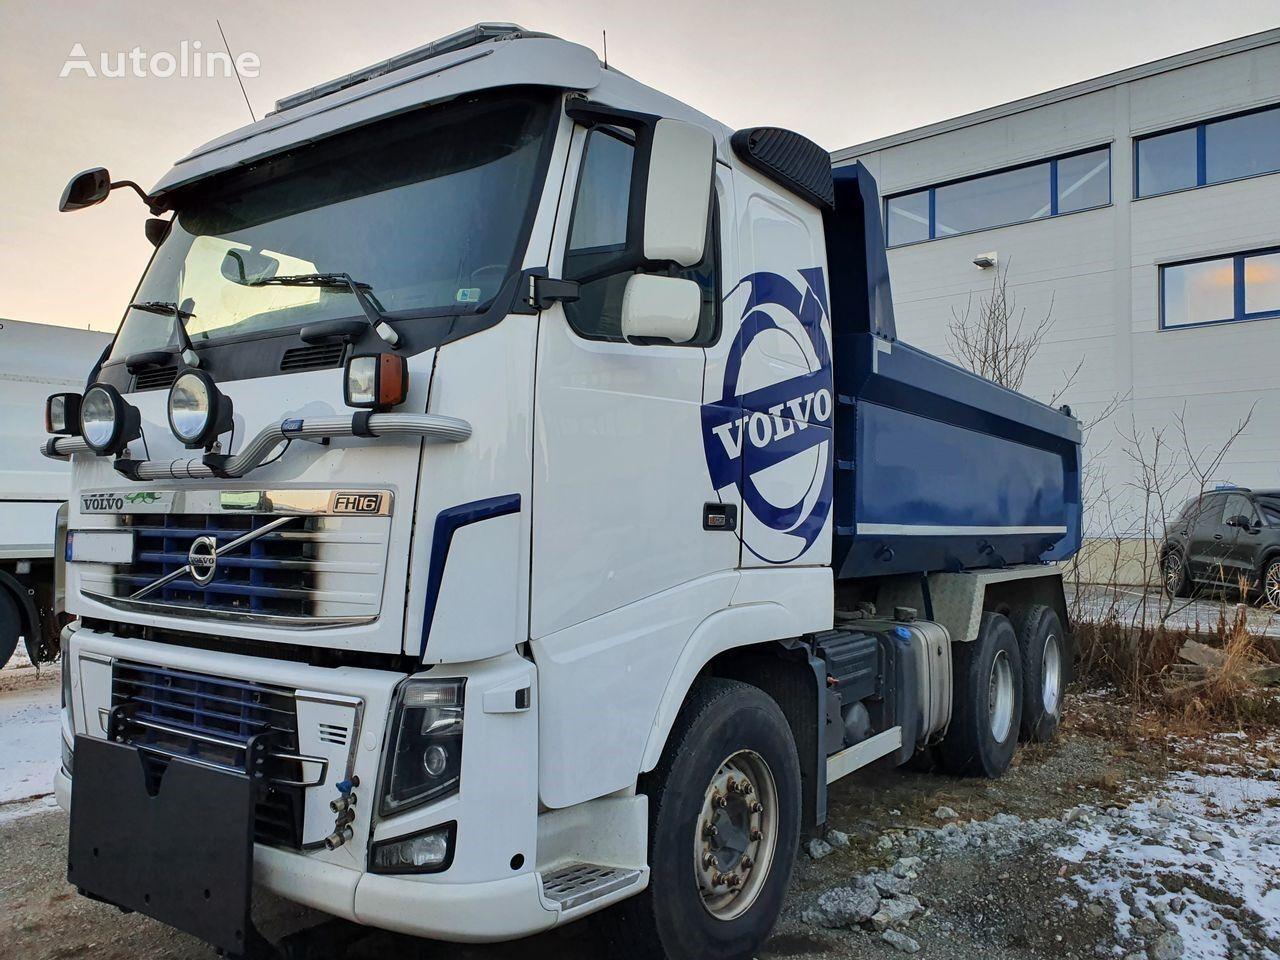 FH16 600 6x4,Big axles,full steel,retarder,euro5 dump truck